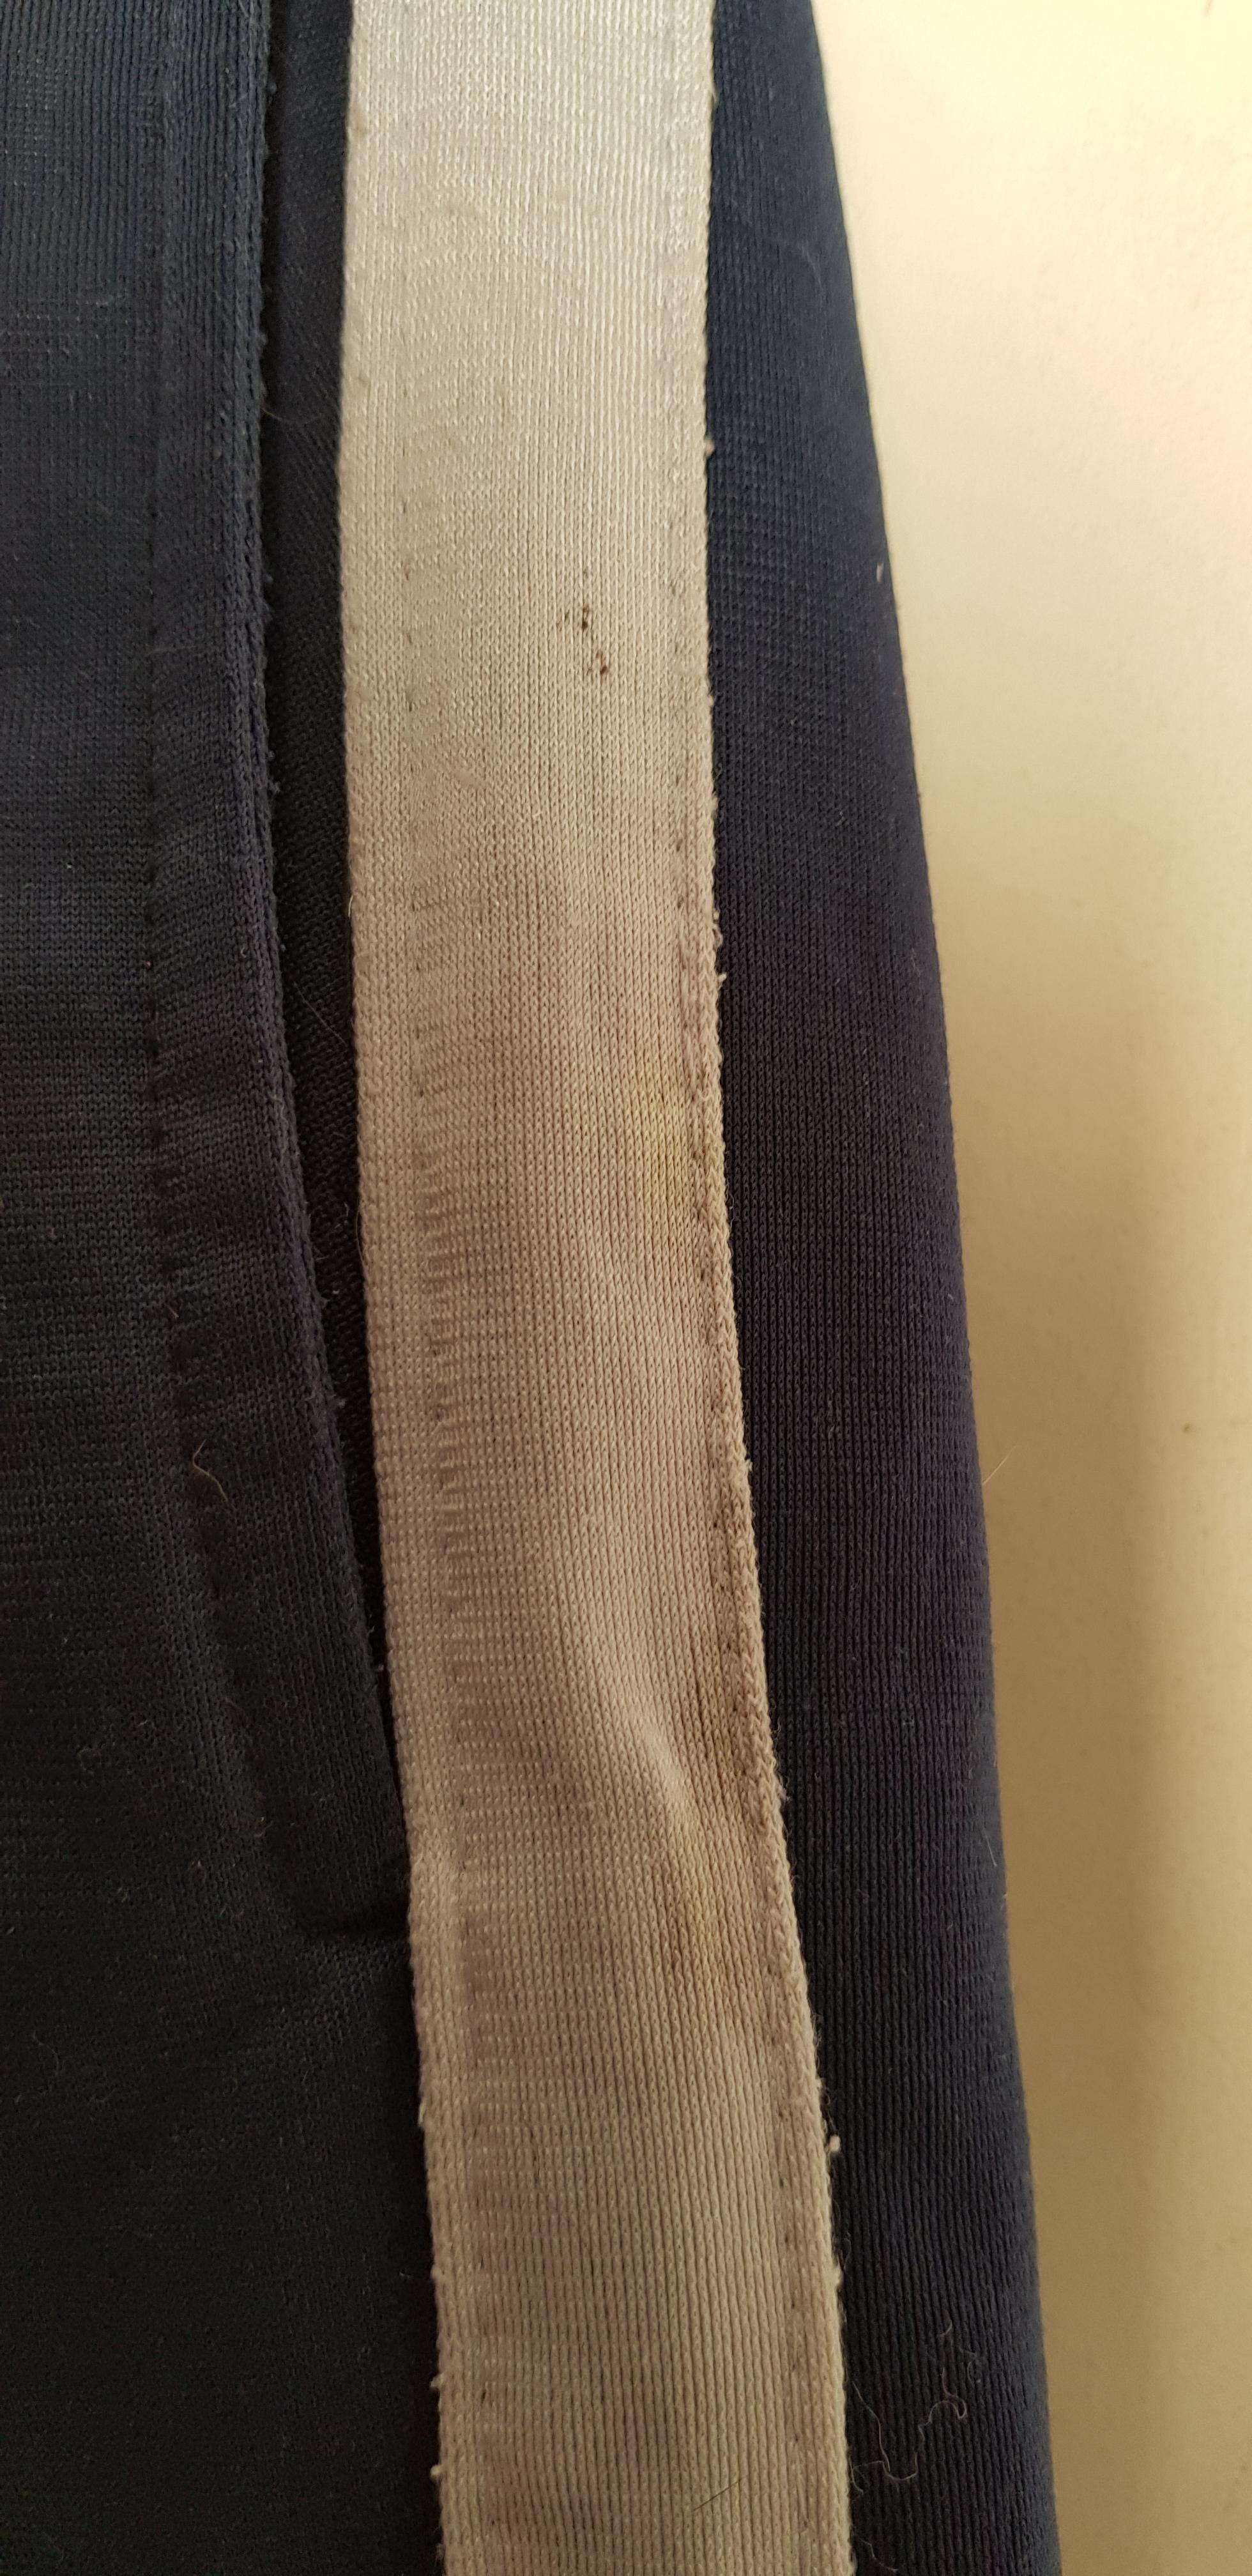 troc de troc pantalon de sport bleu marine et gris image 1